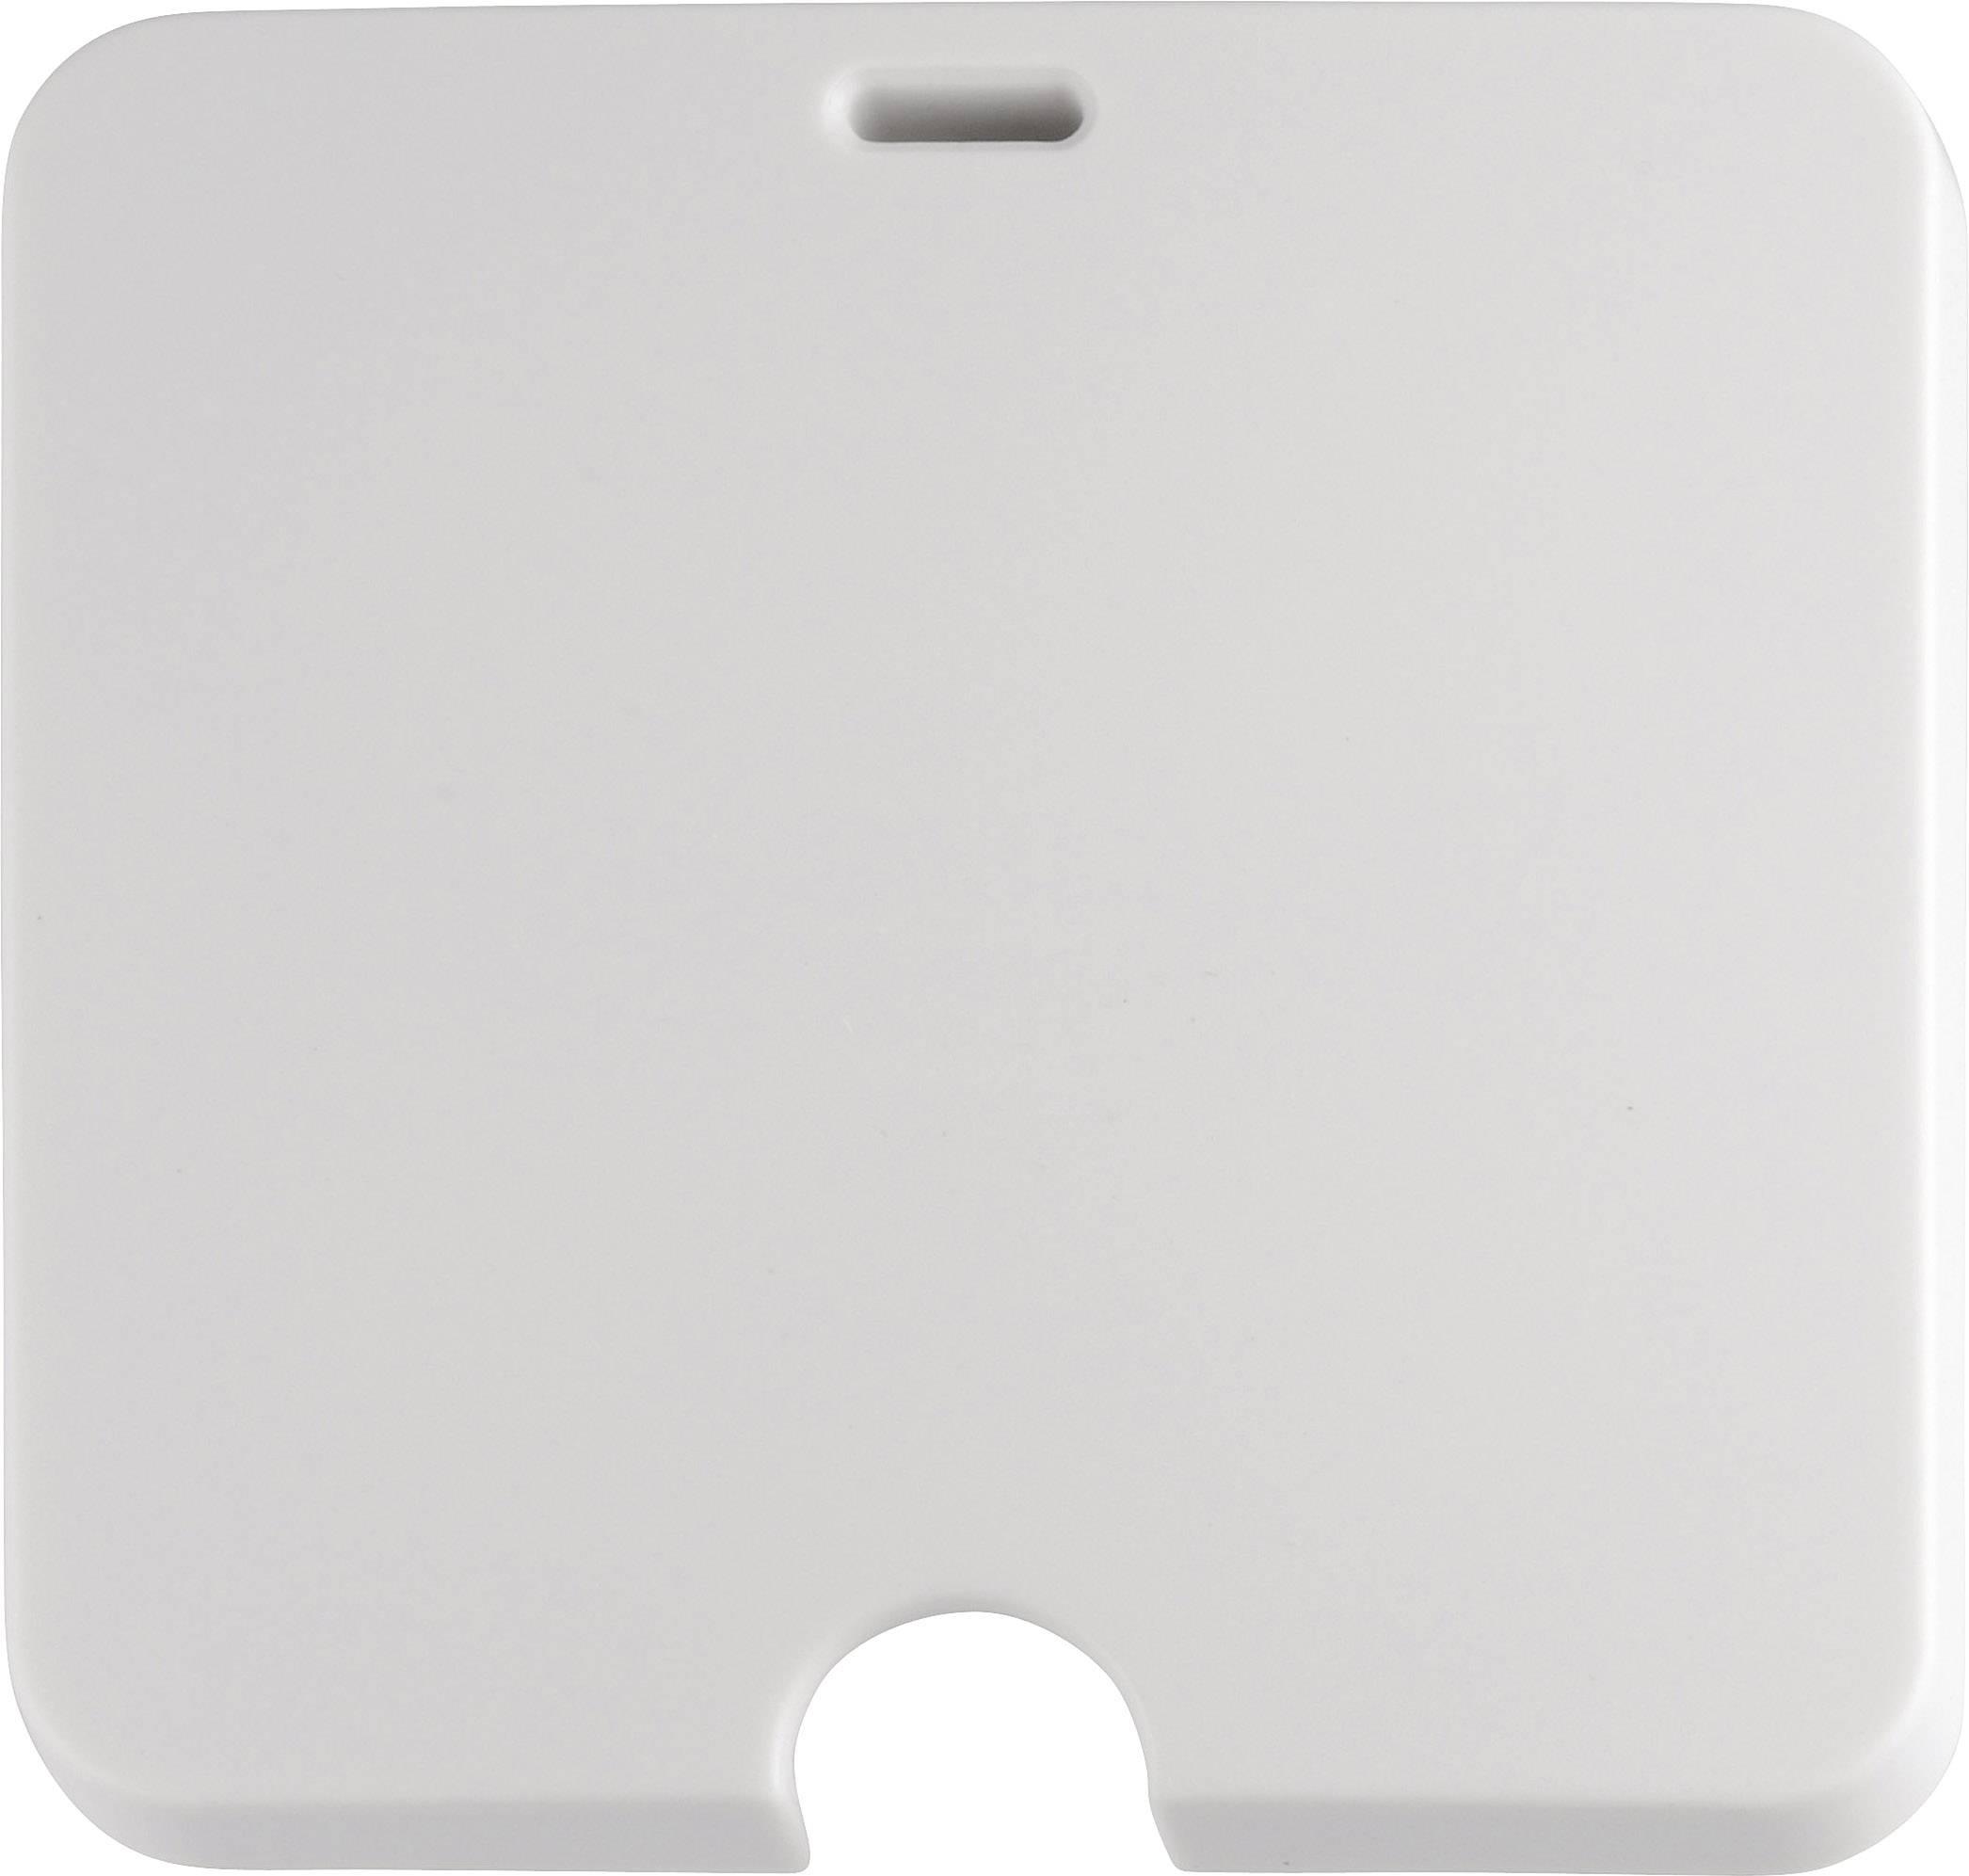 Instalačná krabička na pripojenie sporáku 101048, pod omietku, biela